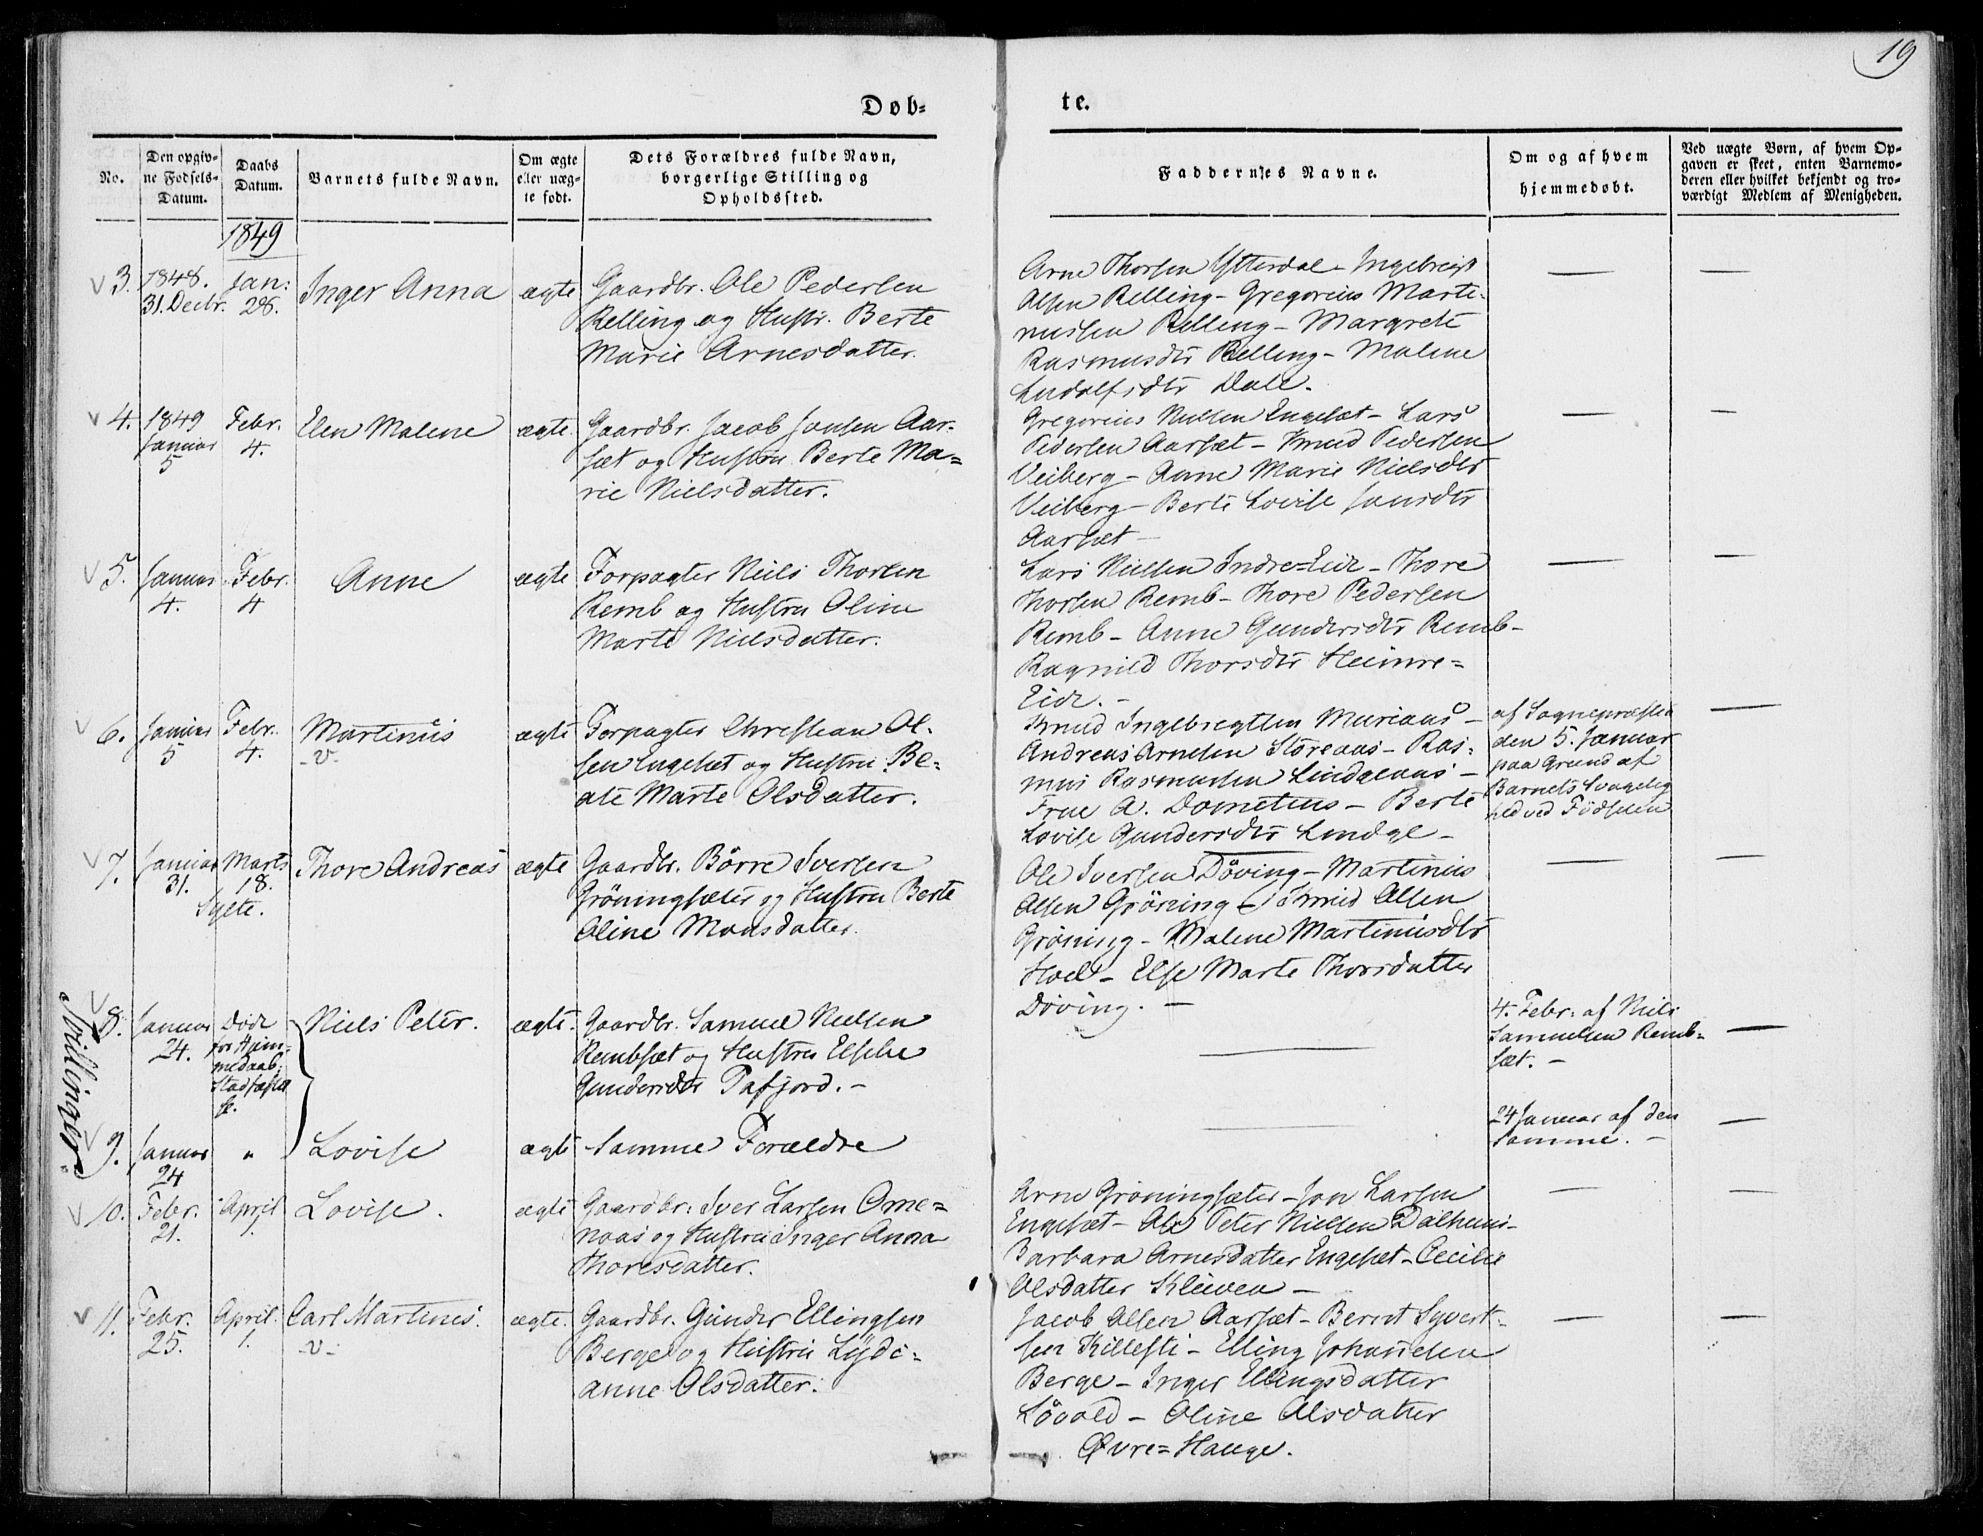 SAT, Ministerialprotokoller, klokkerbøker og fødselsregistre - Møre og Romsdal, 519/L0249: Ministerialbok nr. 519A08, 1846-1868, s. 19